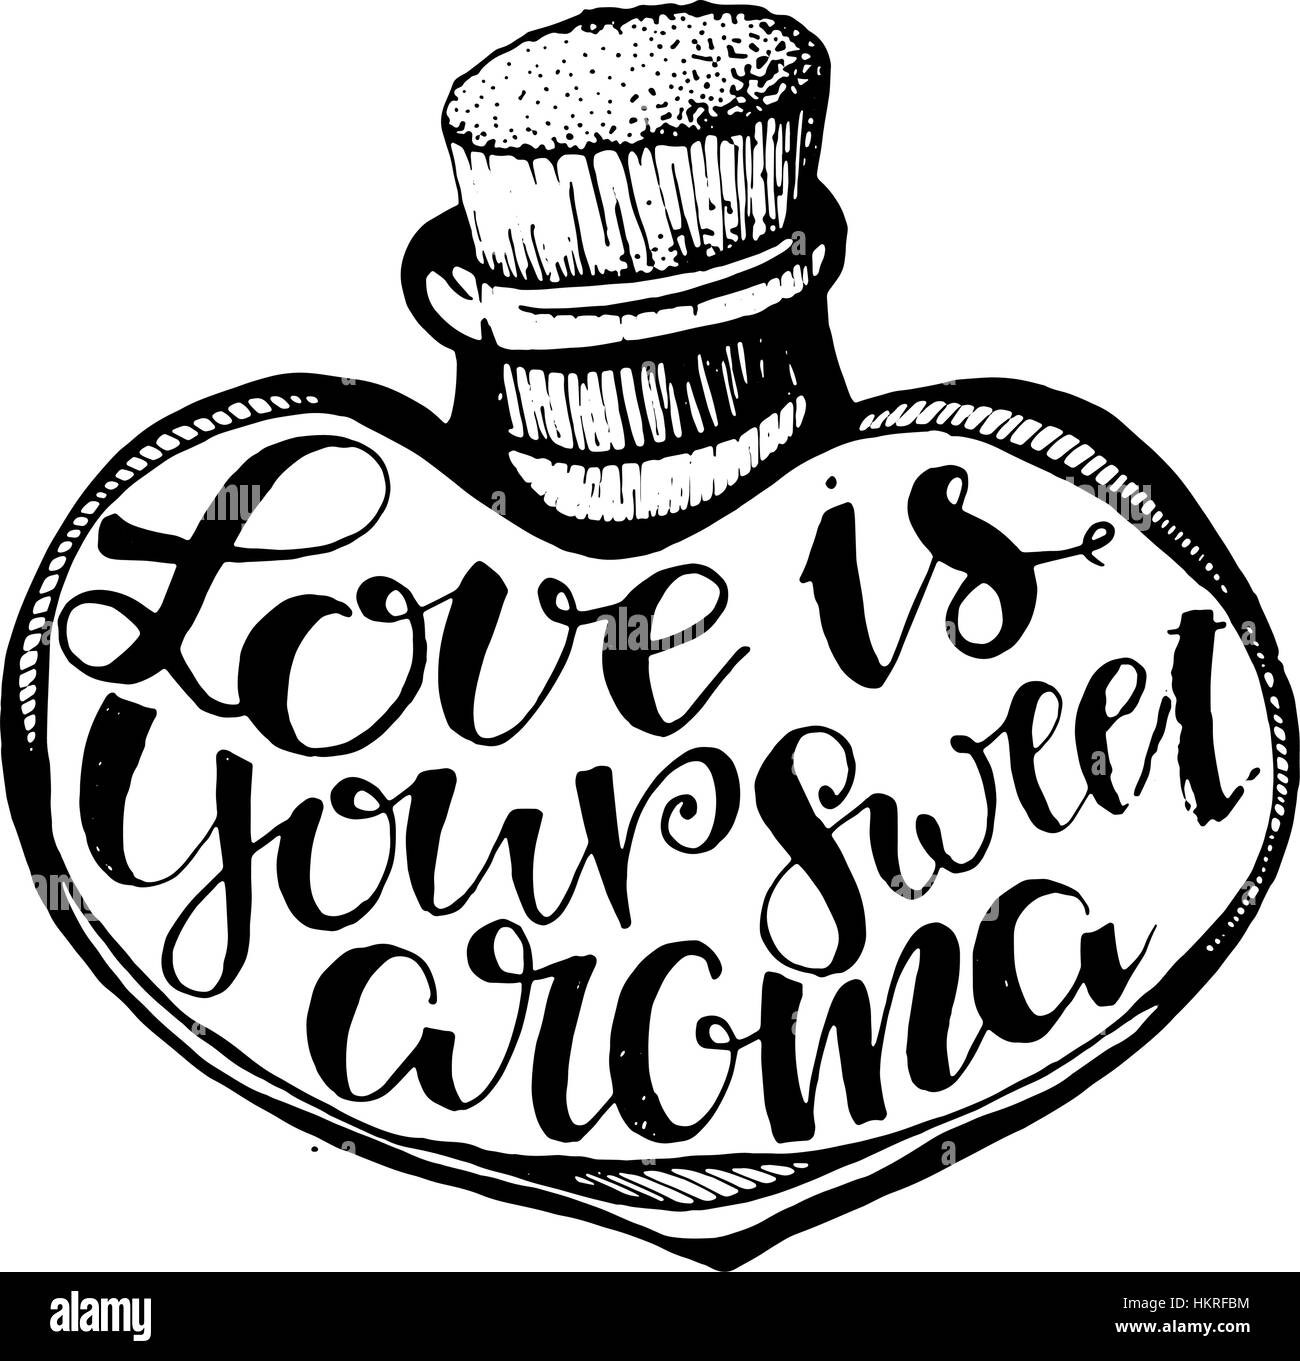 Handgezeichneten diy Doodle Vektorgrafik des Herzens mit Buchstaben ...